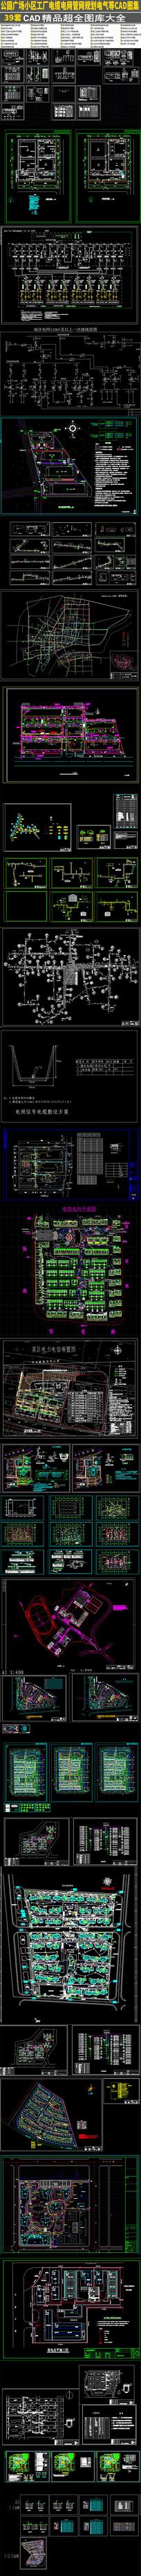 39套公园广场小区工厂电缆电网管网规划